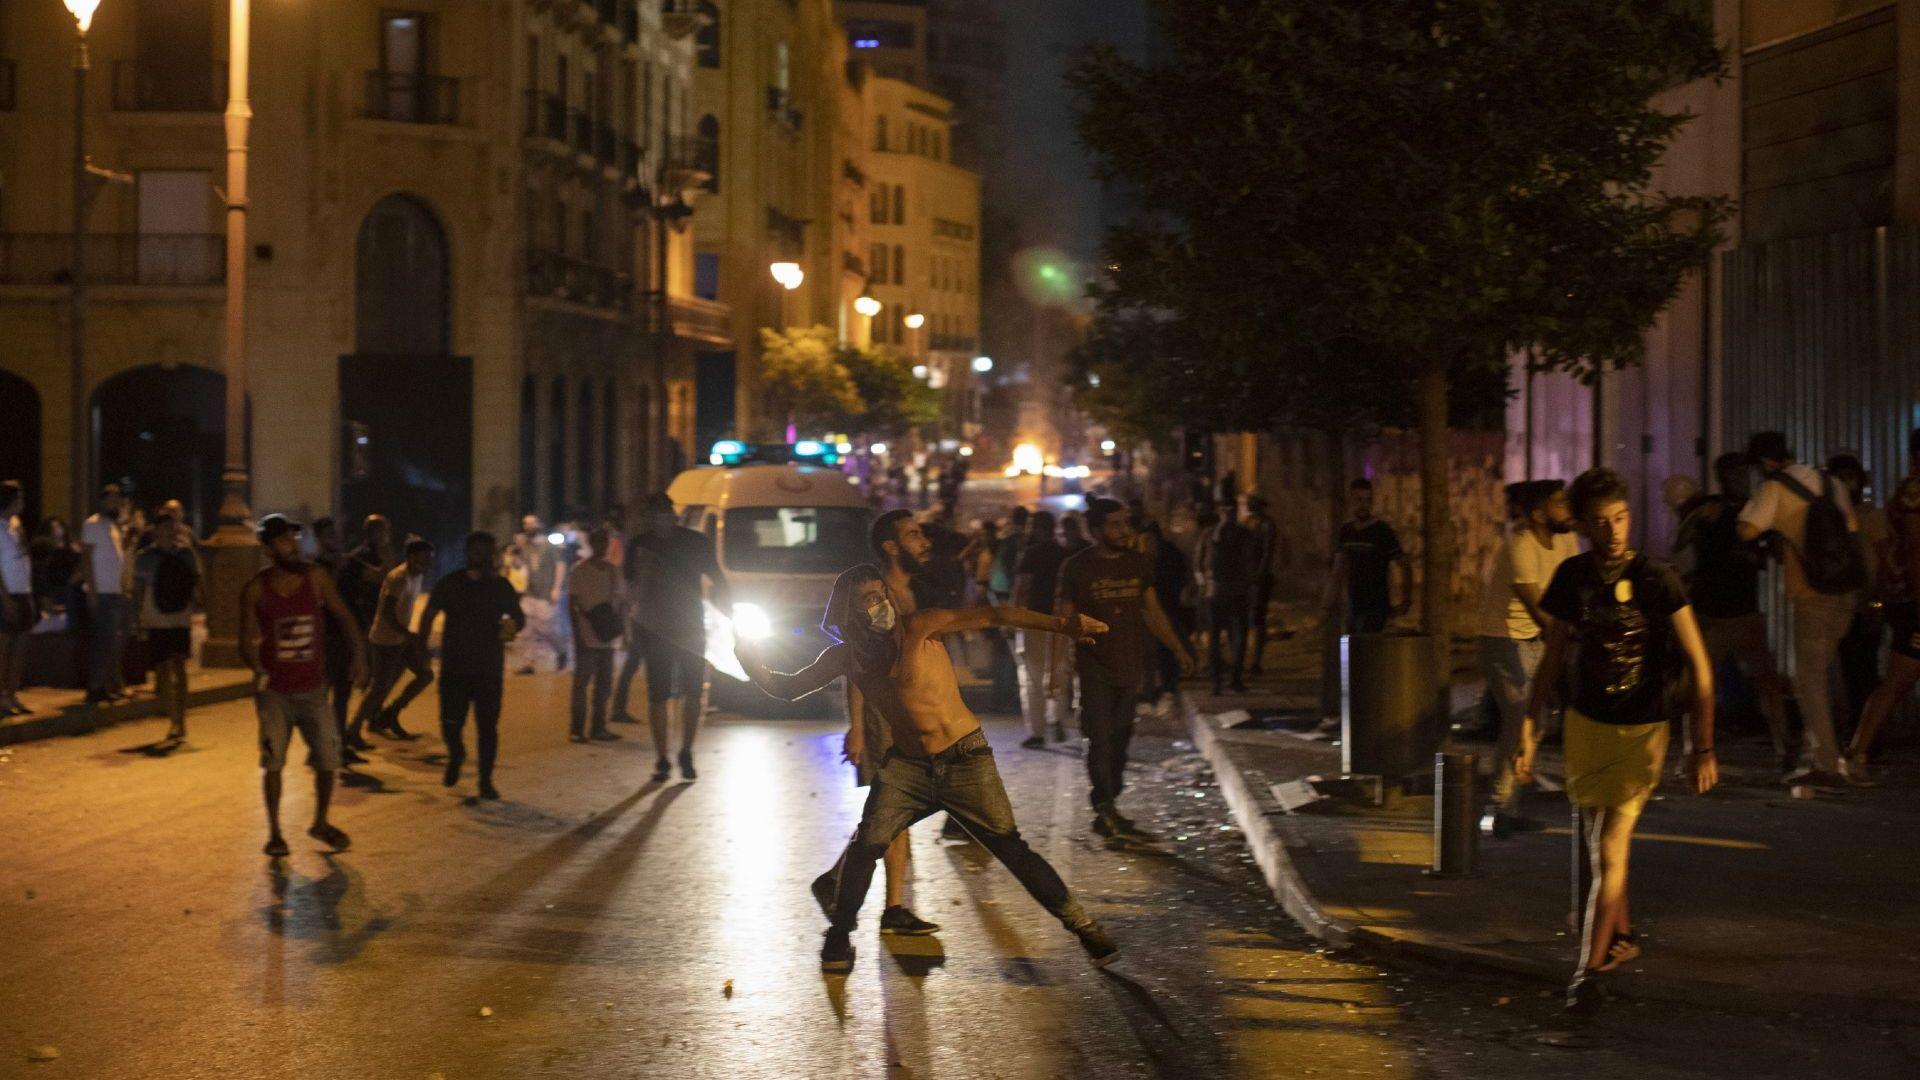 Безредици в Бейрут - полицията стреля по демонстрантите с гумени куршуми